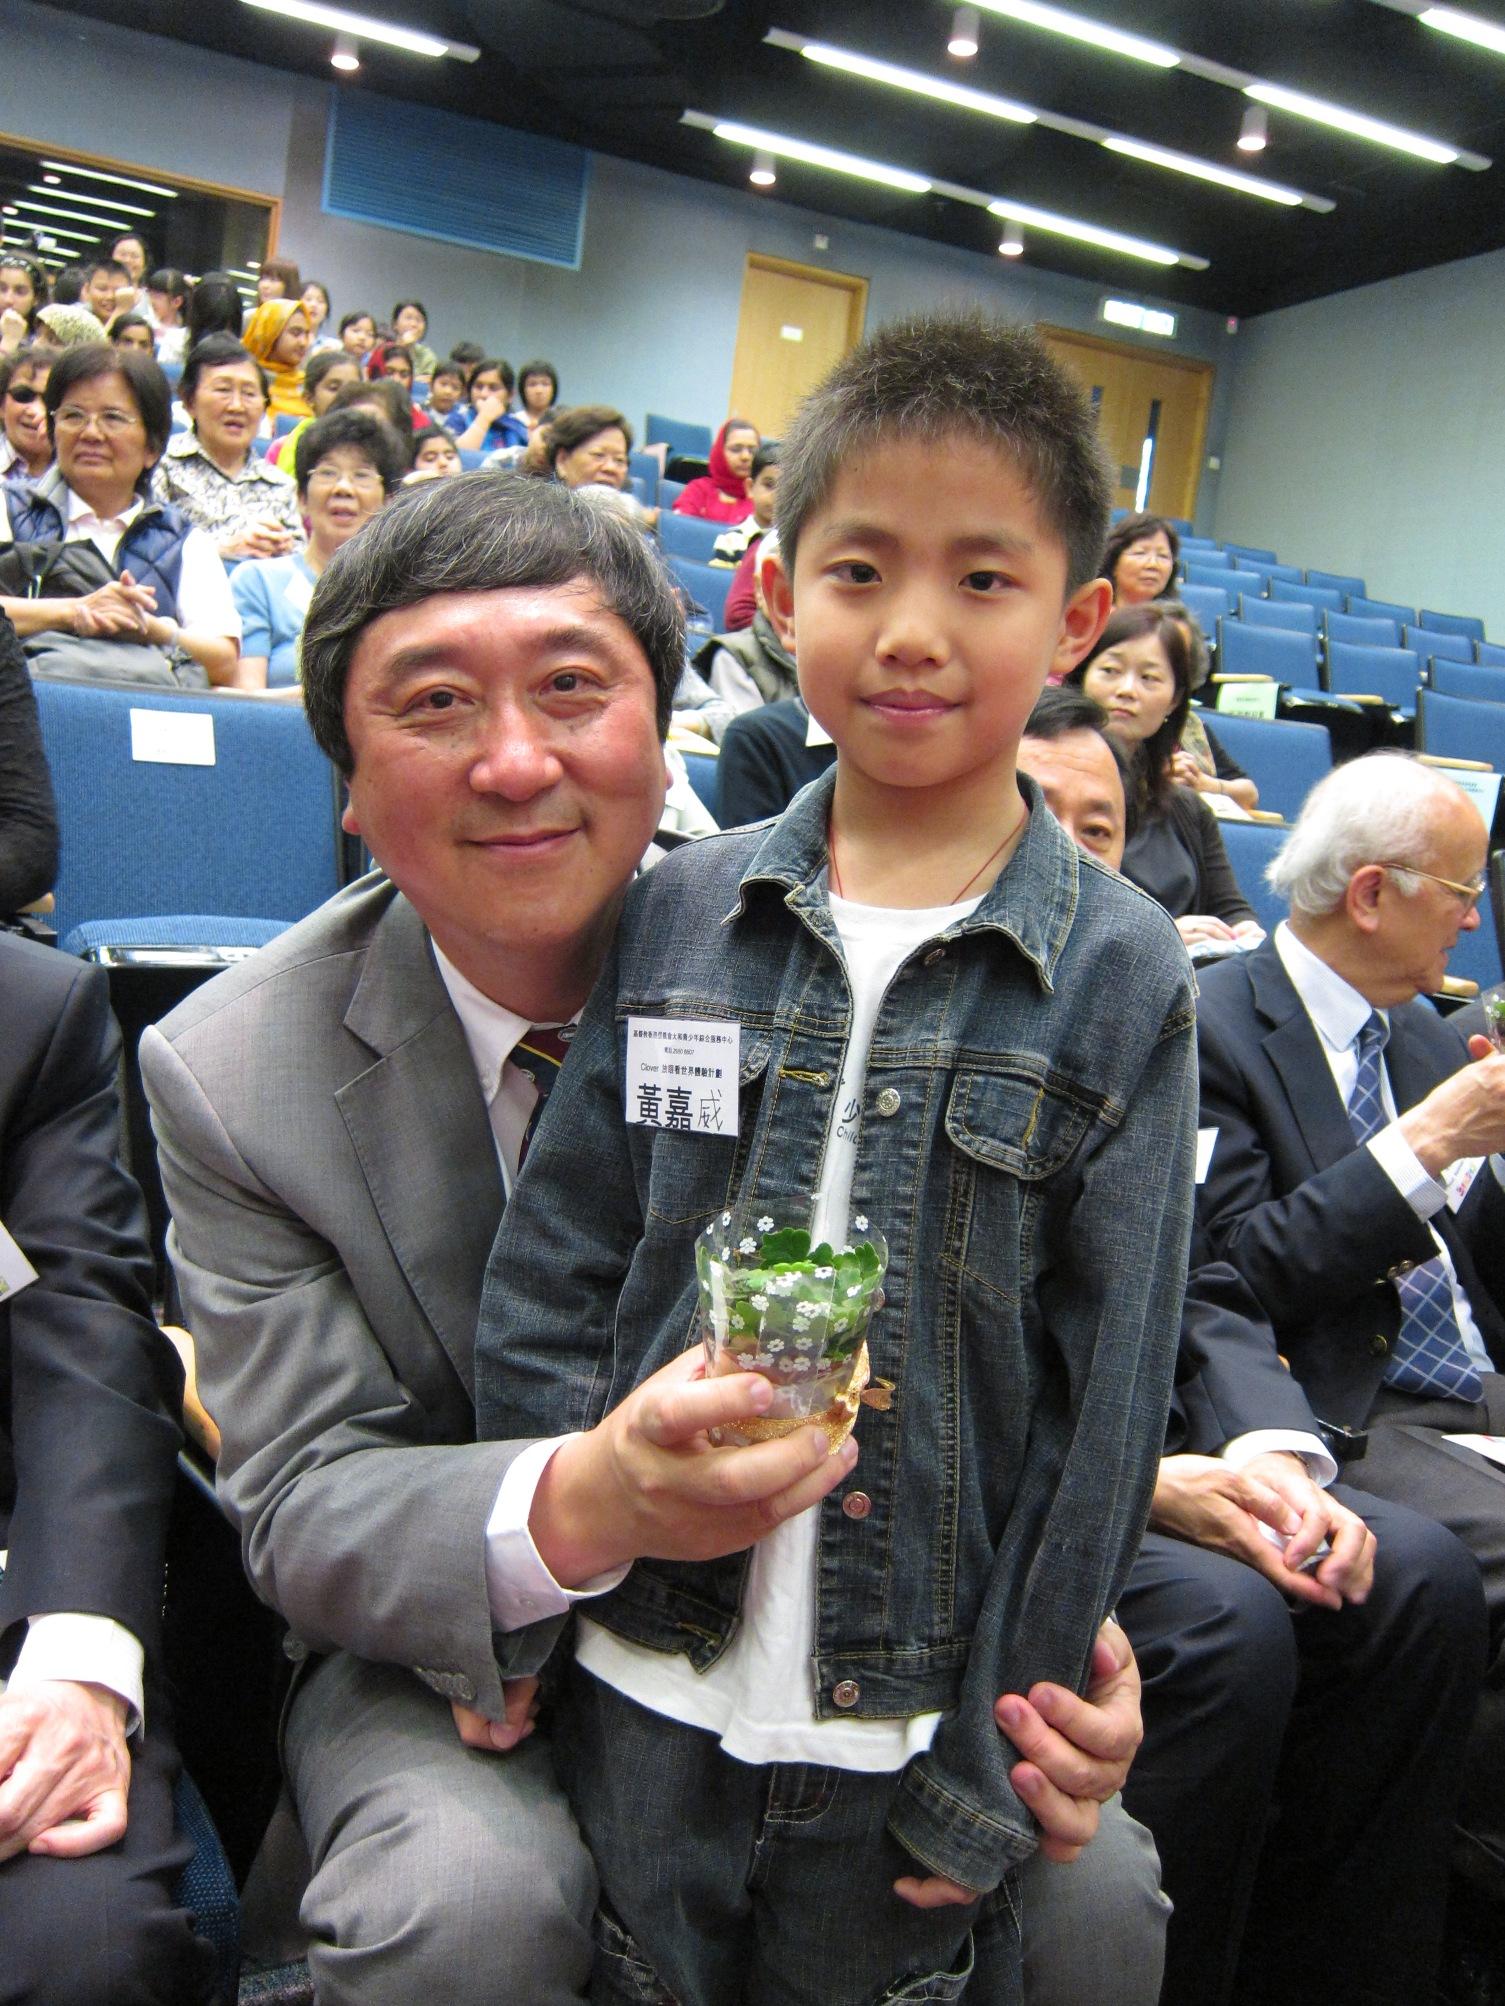 受助兒童贈送紀念品予沈校長以表謝意。